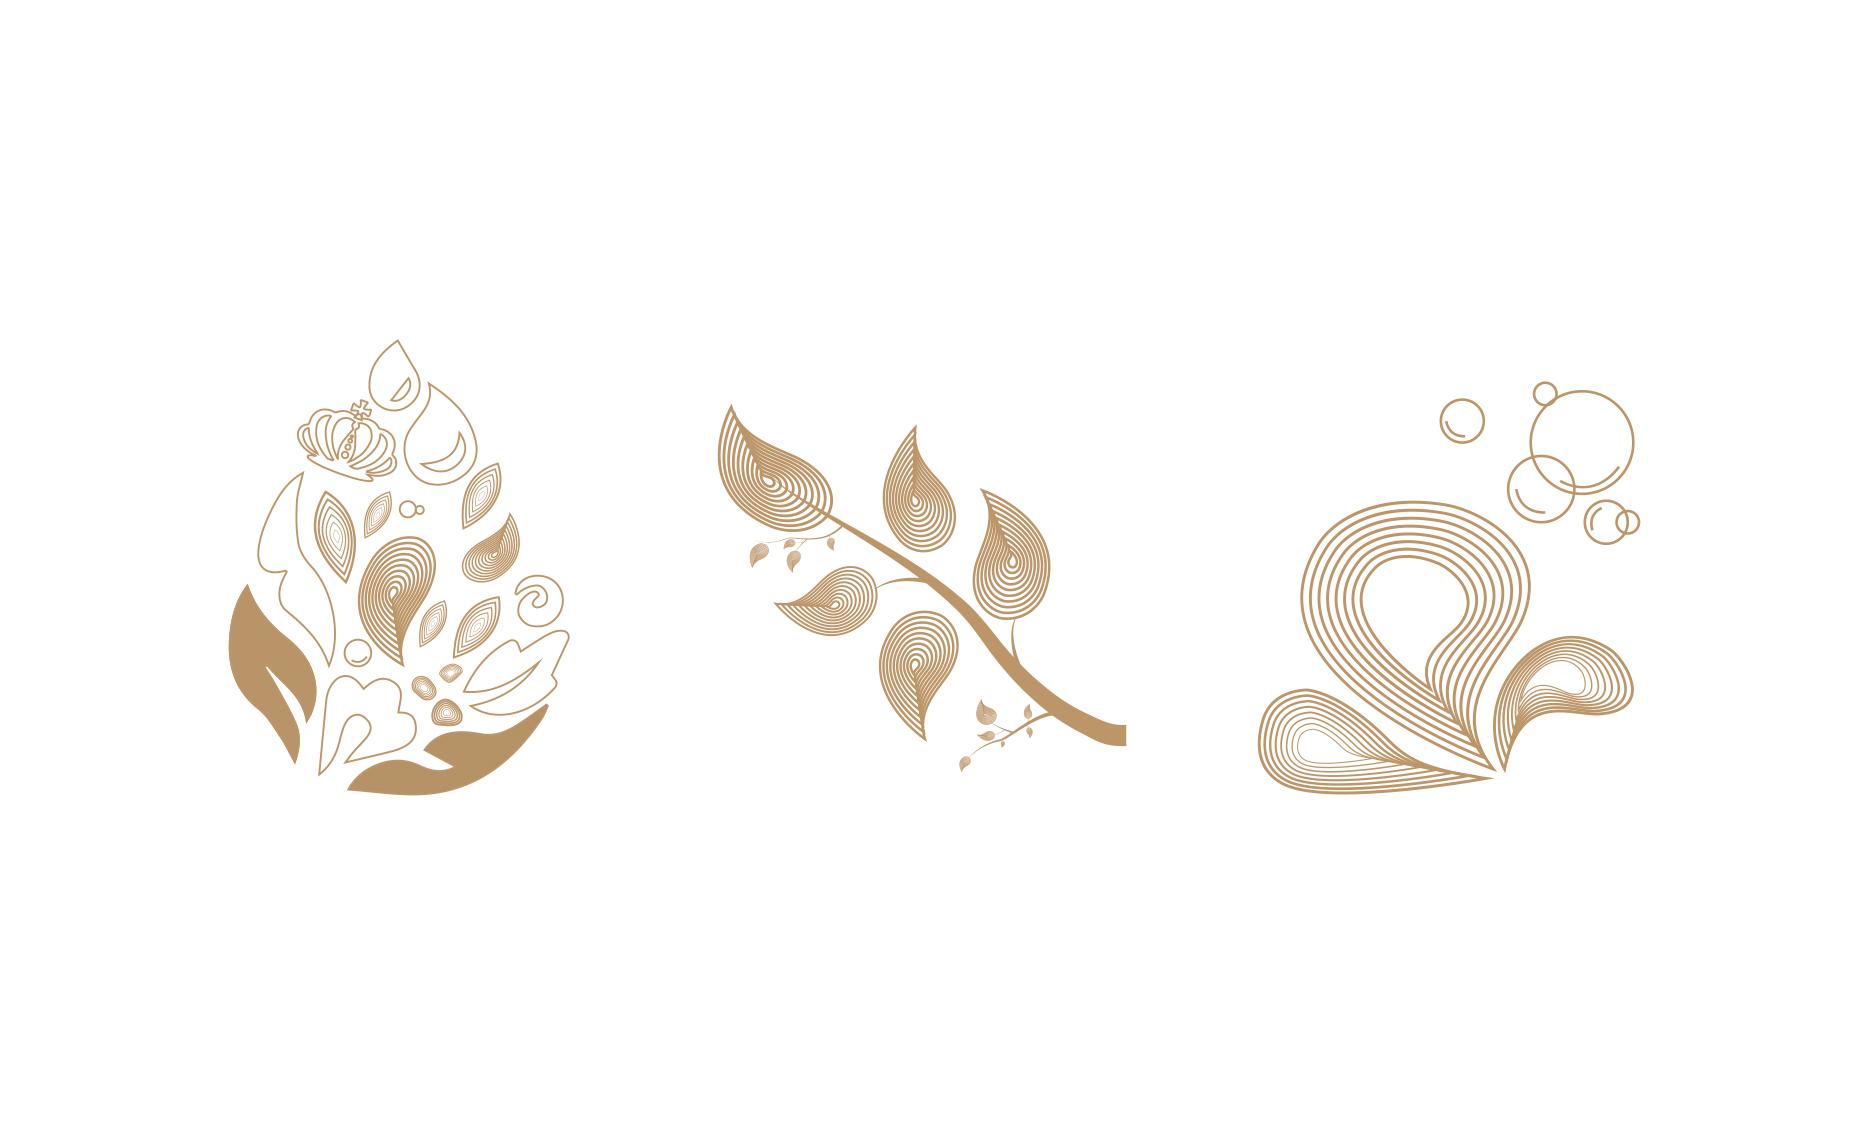 LEKKI乐颜集品牌全案策划设计:辅助图形